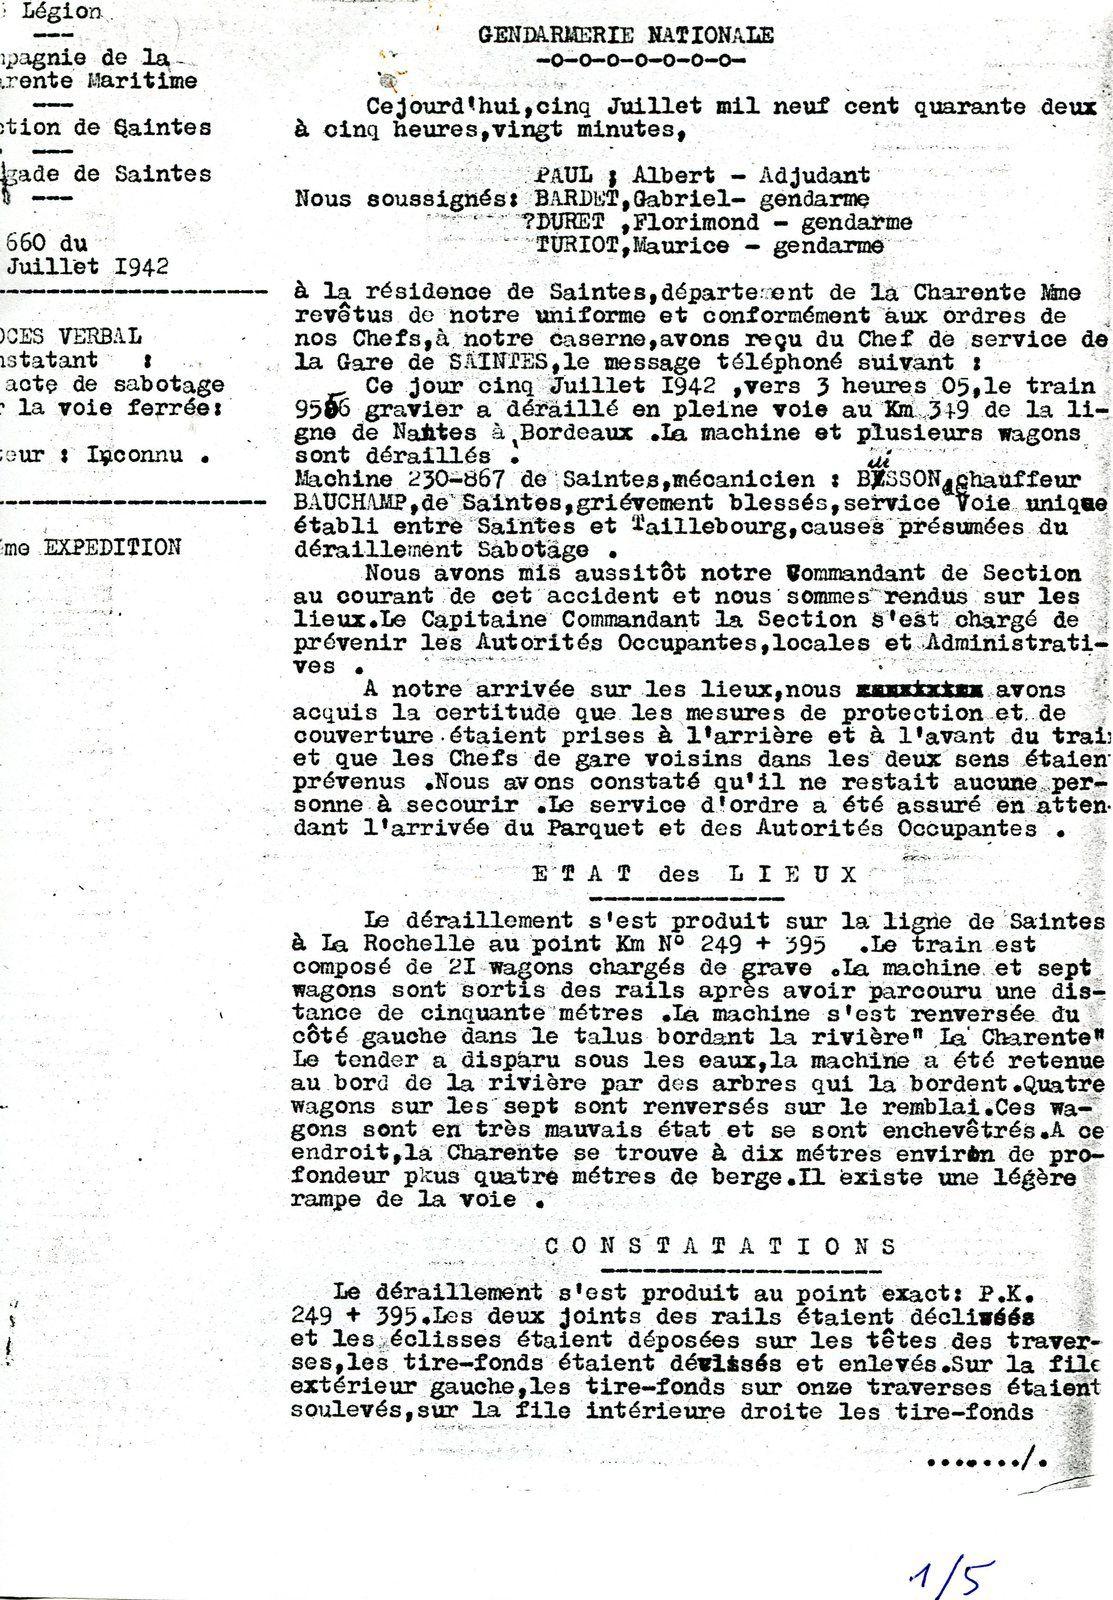 Les dossiers ne sont jamais refermés définitivement, en effet d'autres documents se trouvent aussi aux archives SNCF, mais aussi des éléments sont encore dans la mémoire des témoins, puis combien de documents dorment dans les tiroirs. A savoir que le terrain parle encore....